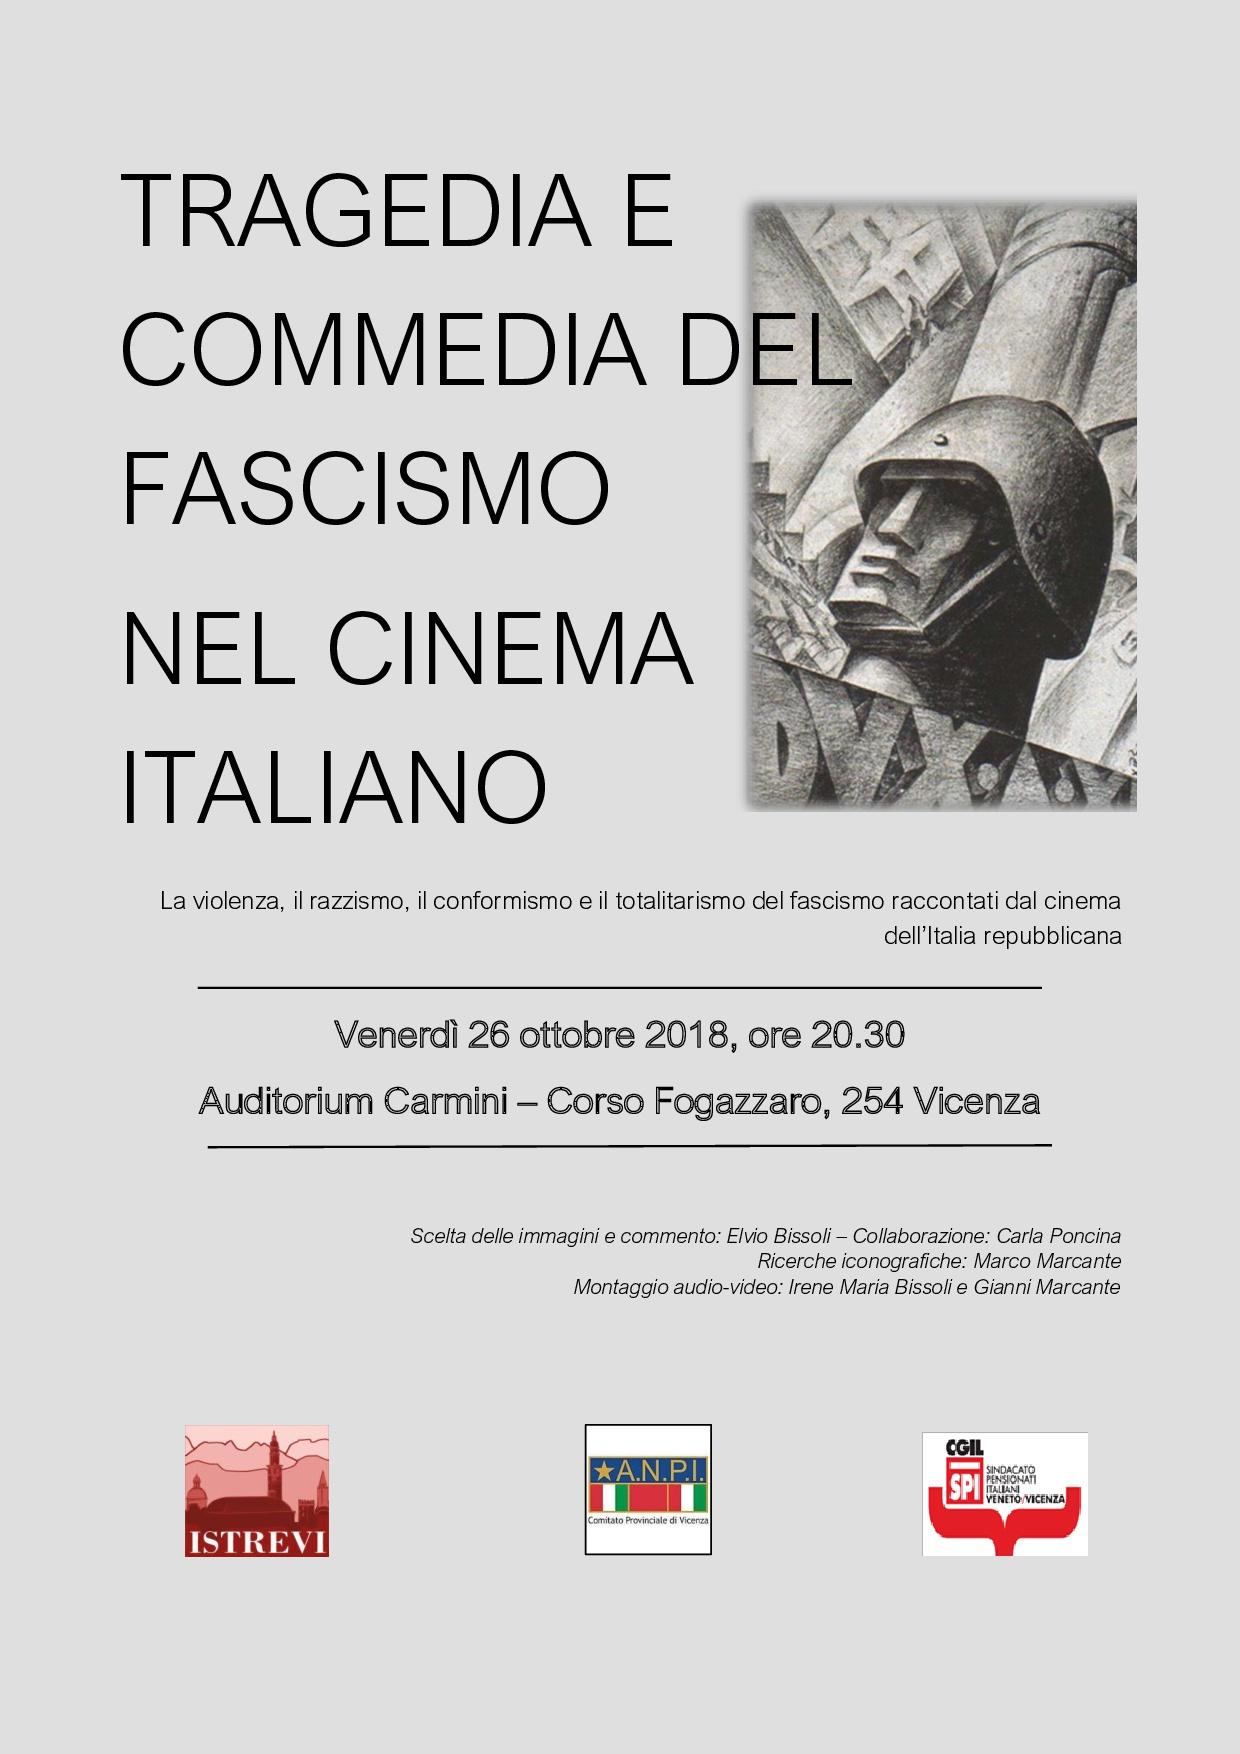 Il fascismo nel cinema italiano